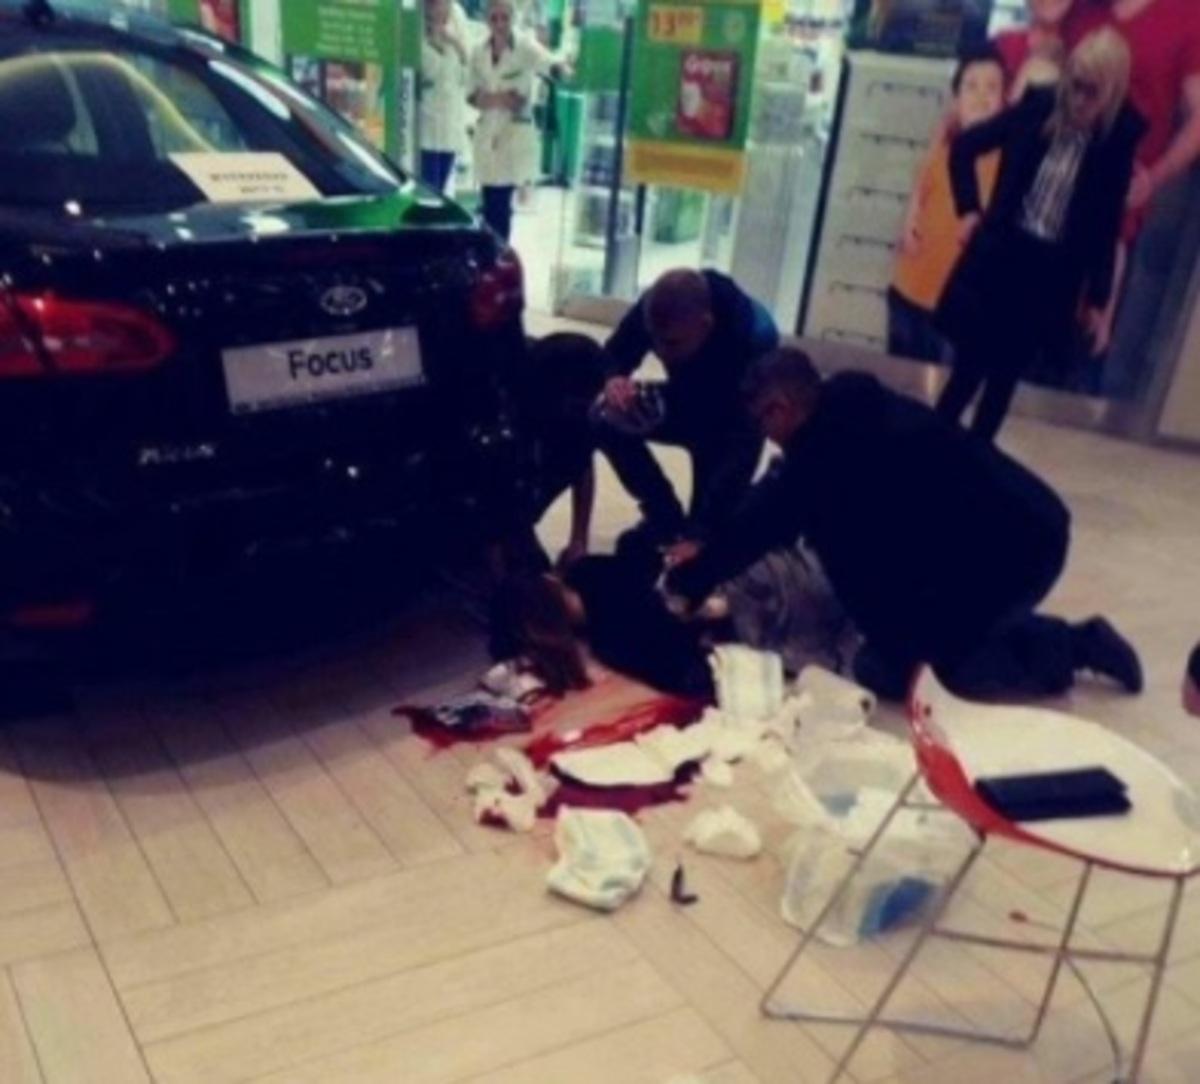 Πολωνία: 27χρονος σκόρπισε τον τρόμο στο mall – 1 γυναίκα νεκρή | Newsit.gr